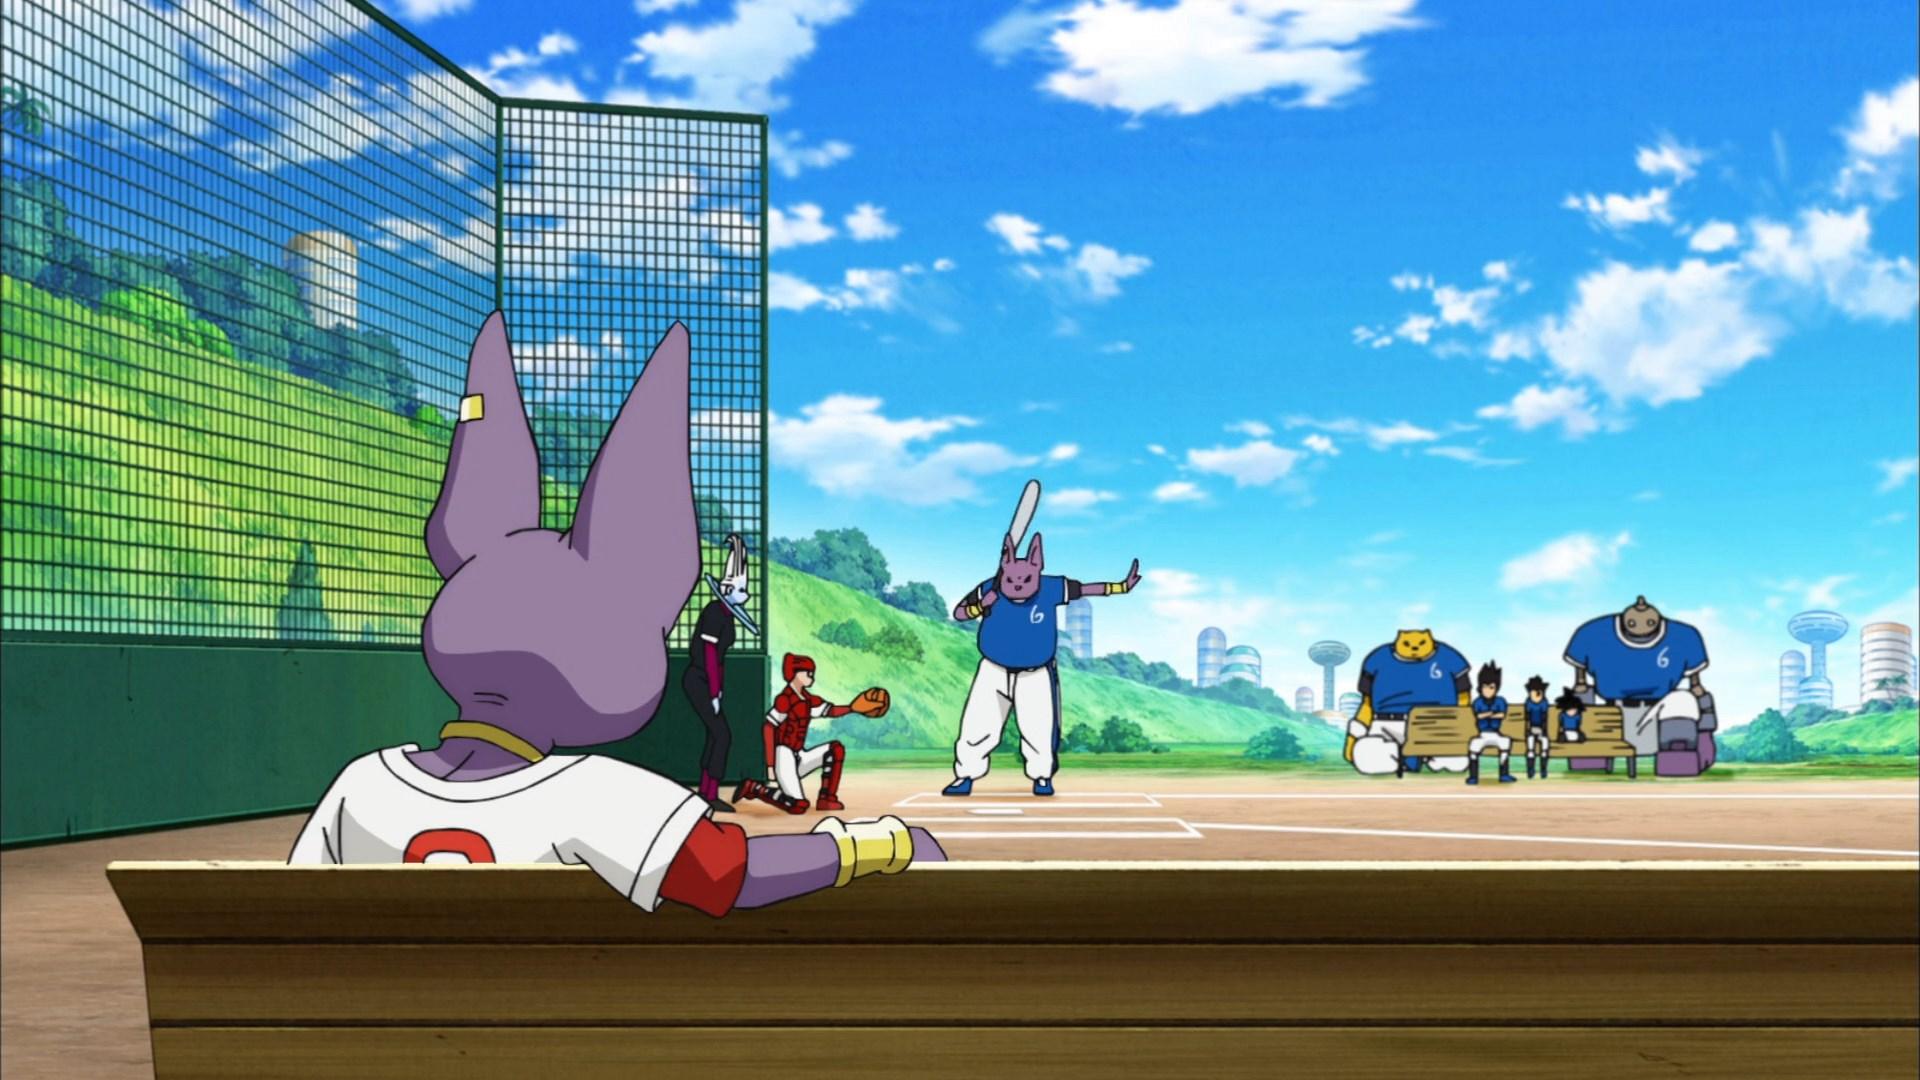 [DS] Dragon Ball Super 070 [1080p].mkv_snapshot_07.04_[2016.12.11_03.39.23]